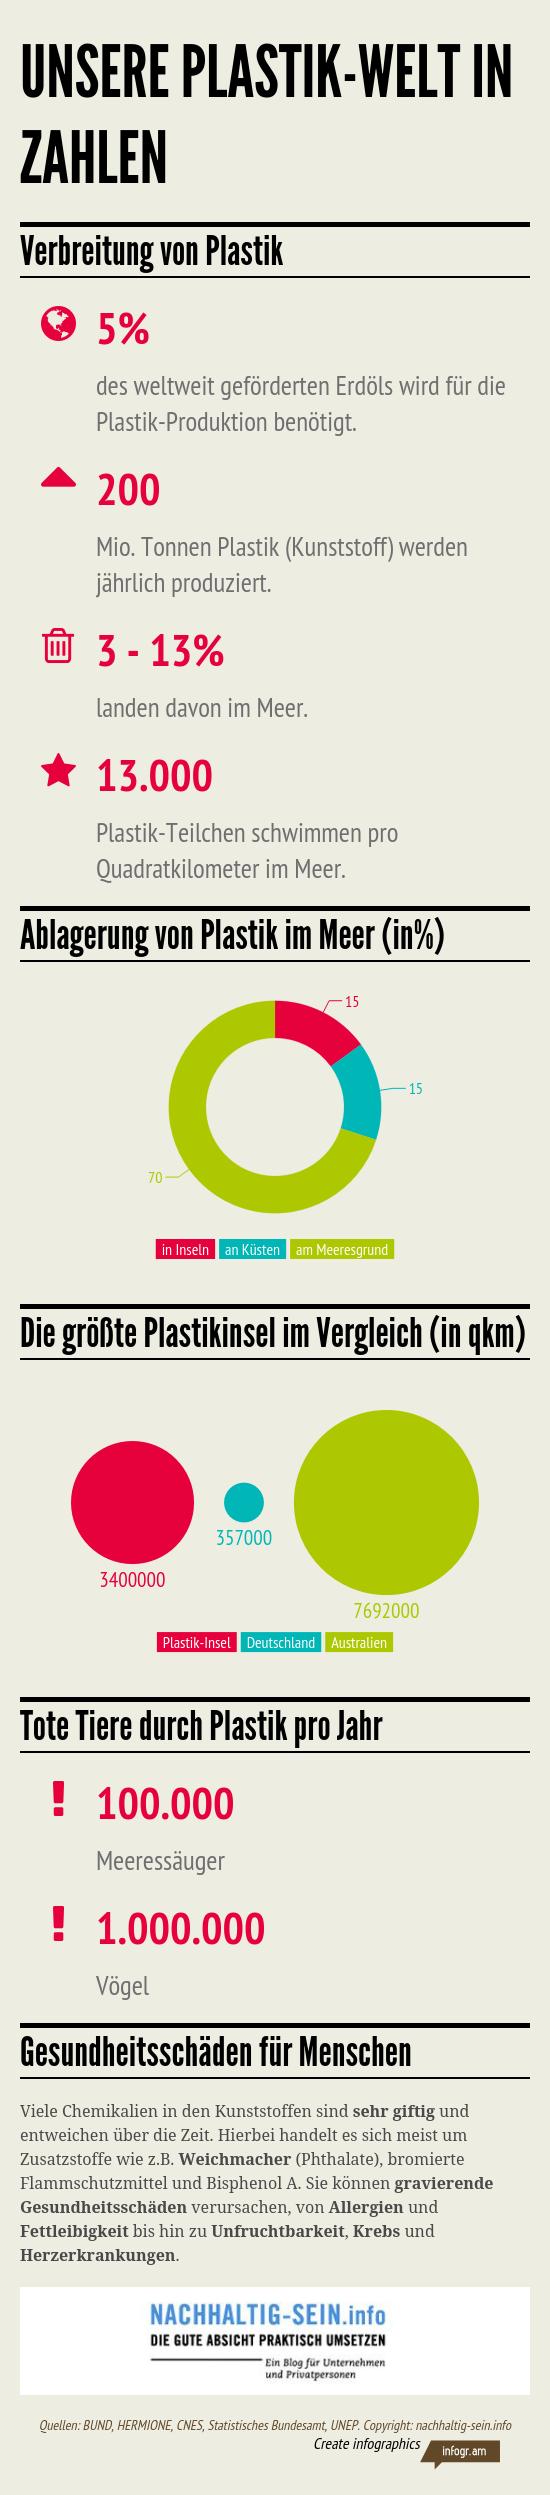 Unsere Plastik Welt in Zahlen von nachhaltig-sein.info